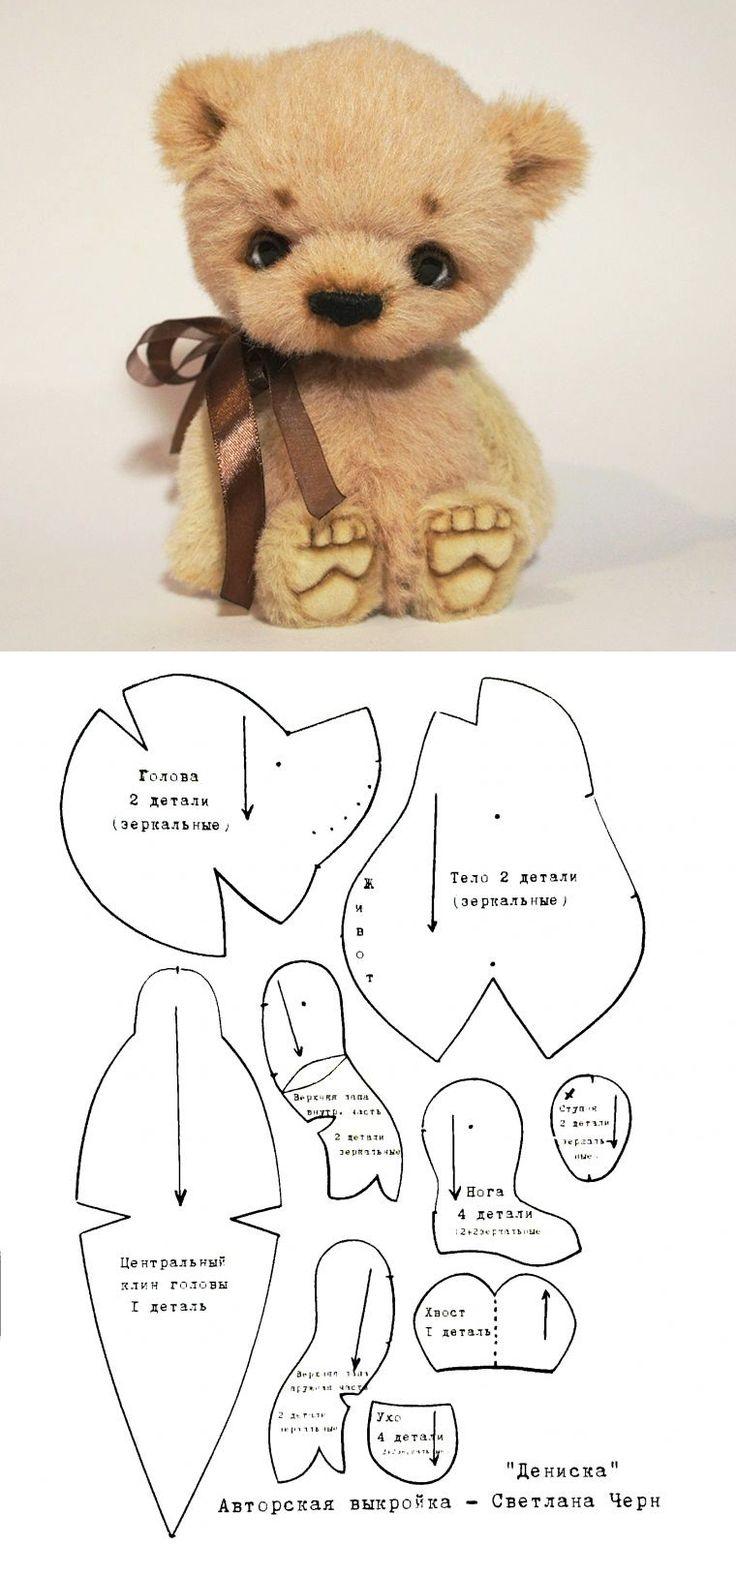 Светлана Черн делится выкройкой тедди мишки и дает несколько советов по шитью…